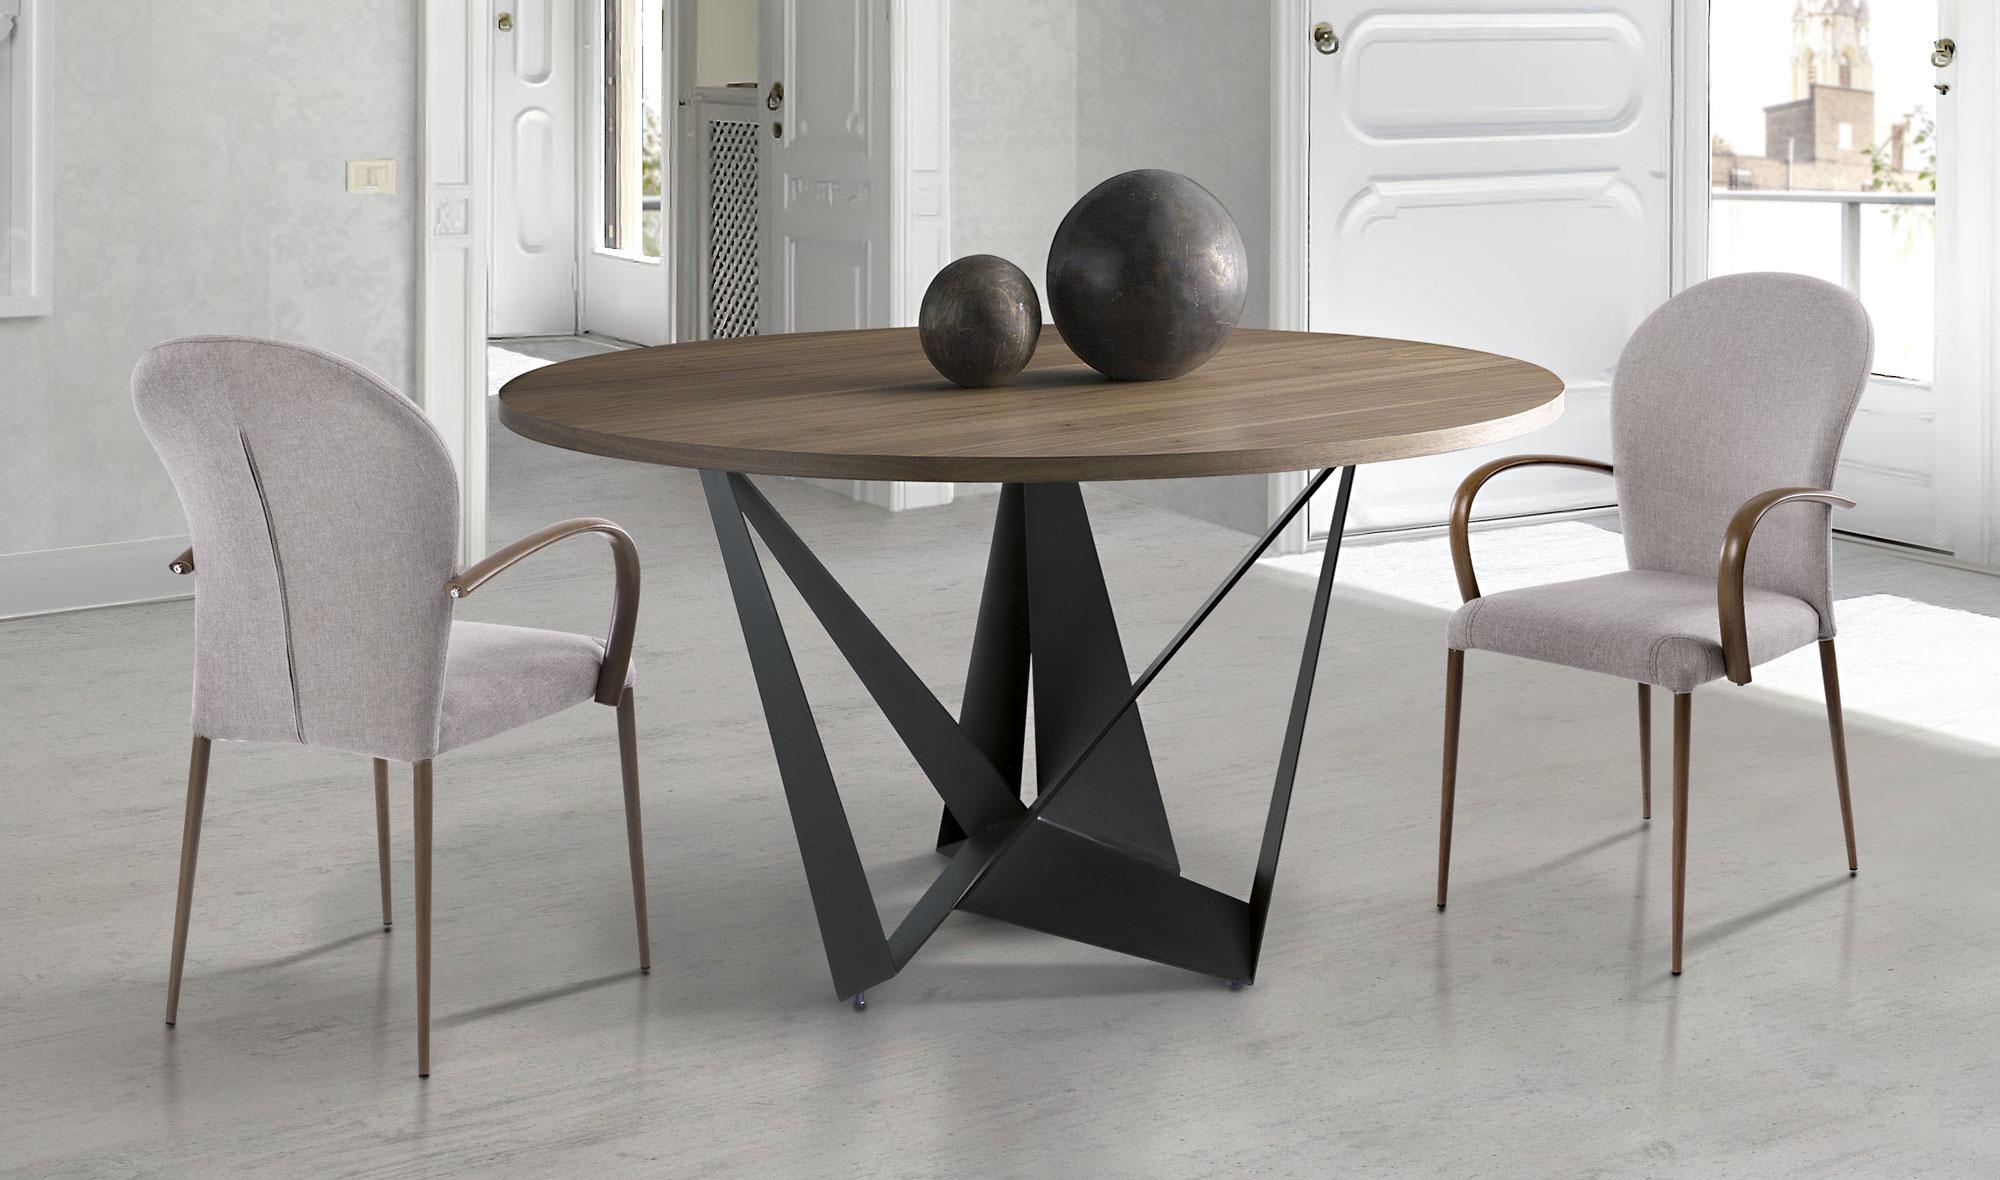 Mesa de comedor redonda moderna sambre no disponible en - Mesa comedor redonda extensible ...